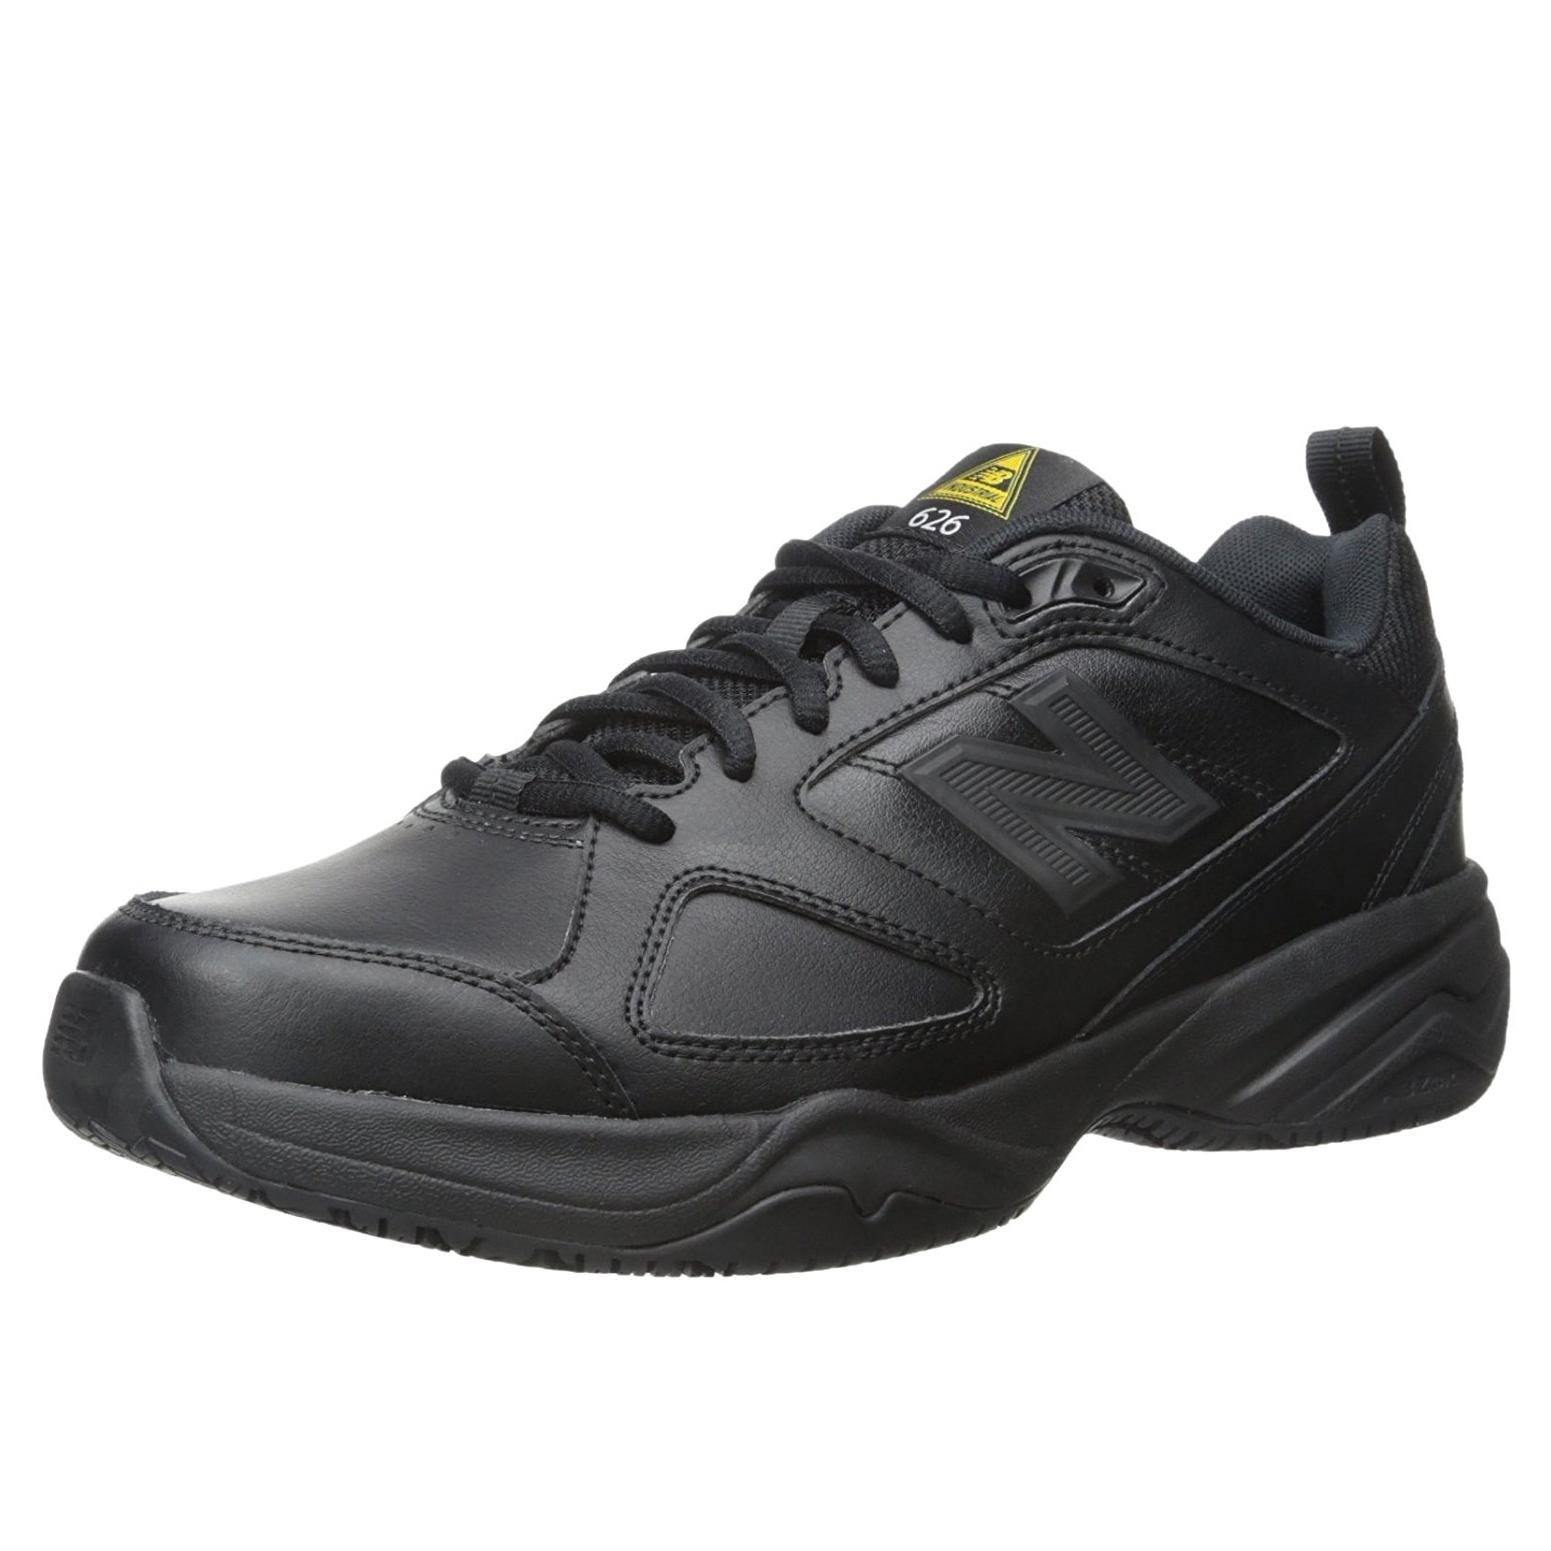 Chaussures De Sport Pour Les Hommes En Vente, Bleu, Cuir, 2017, 41 41,5 42 42,5 43 Eglises